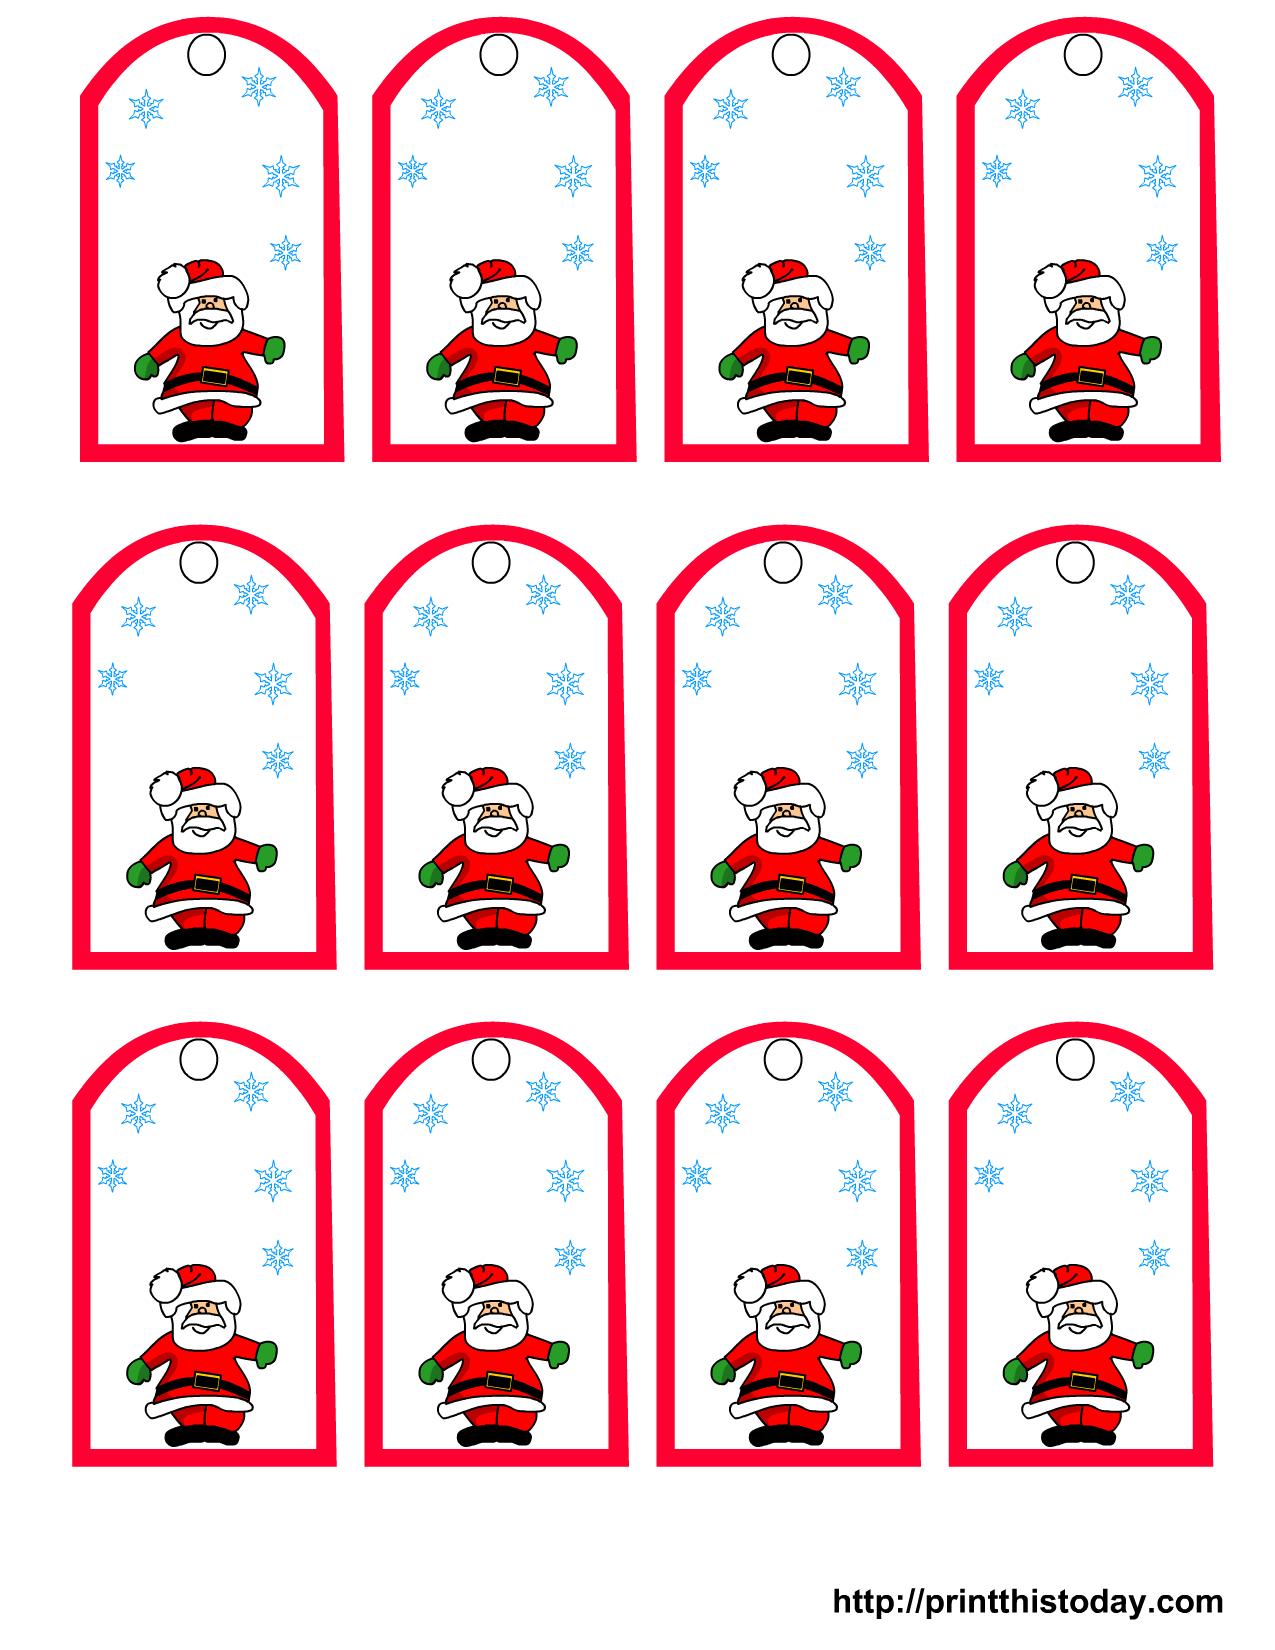 47 Free Printable Christmas Gift Tags (That You Can Edit And - Free Printable Christmas Price Tags